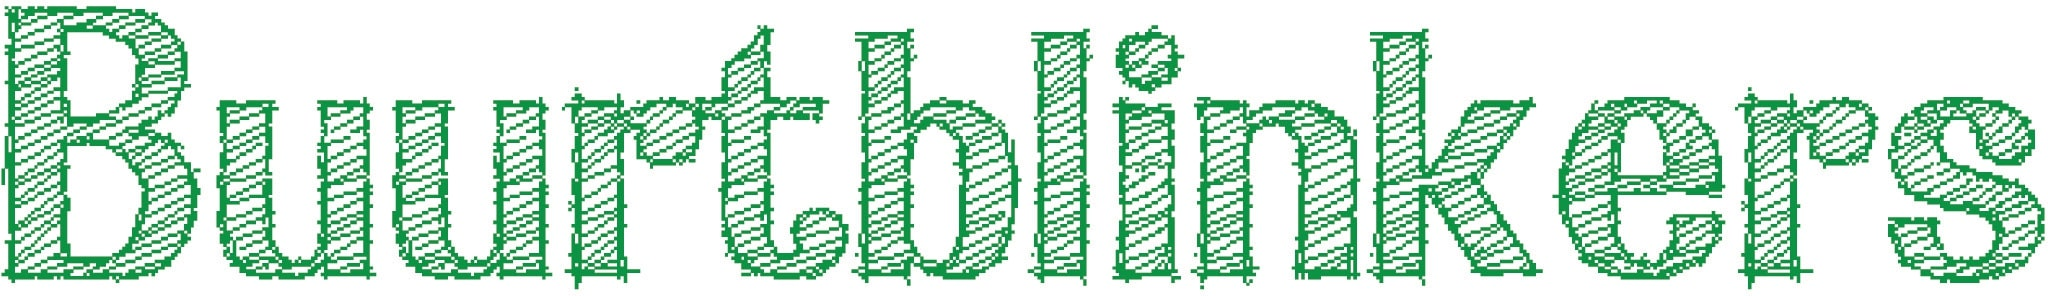 Buurtblinkers logo